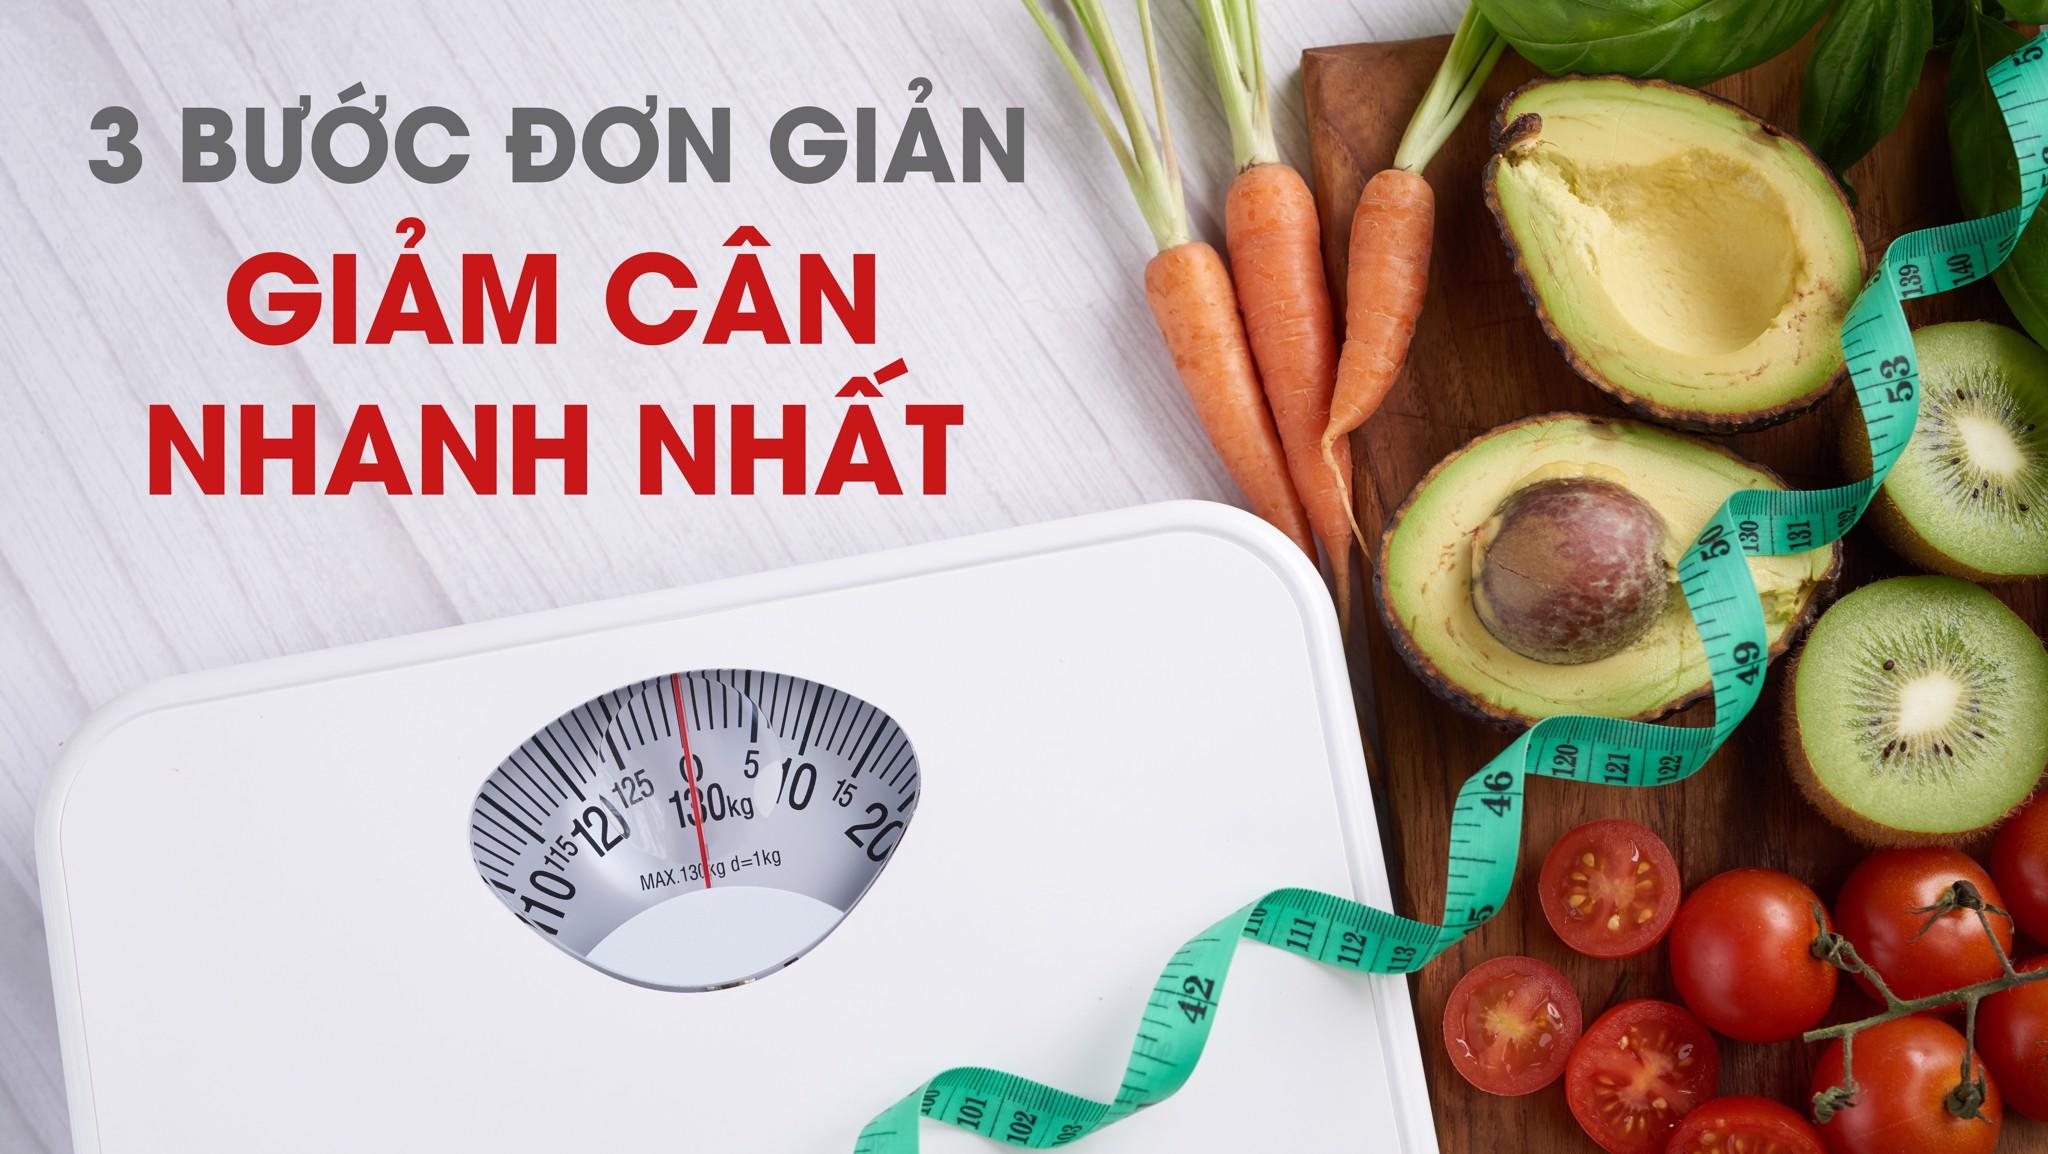 Làm thế nào để giảm cân nhanh nhất? - 3 bước giảm cân khoa học